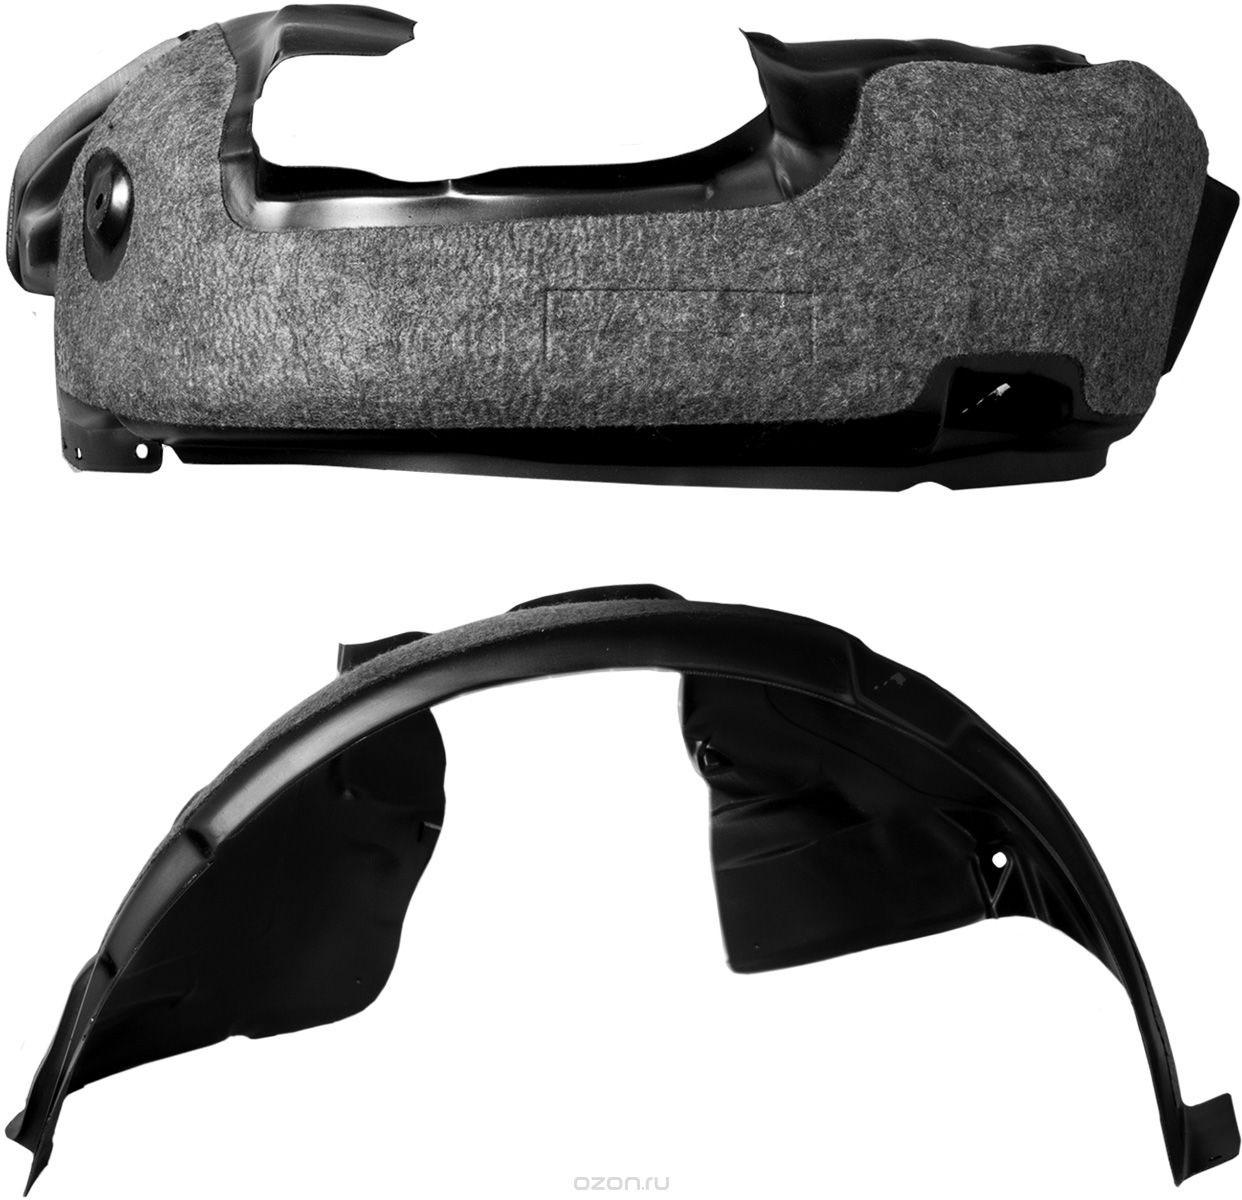 Подкрылок Novline-Autofamily, с шумоизоляцией, для КIА Sportage, 2016->, кроссовер, задний правый42803004Идеальная защита колесной ниши. Локеры разработаны с применением цифровых технологий, гарантируют максимальную повторяемость поверхности арки. Изделия устанавливаются без нарушения лакокрасочного покрытия автомобиля, каждый подкрылок комплектуется крепежом. Уважаемые клиенты, обращаем ваше внимание, что фотографии на подкрылки универсальные и не отражают реальную форму изделия. При этом само изделие идет точно под размер указанного автомобиля.